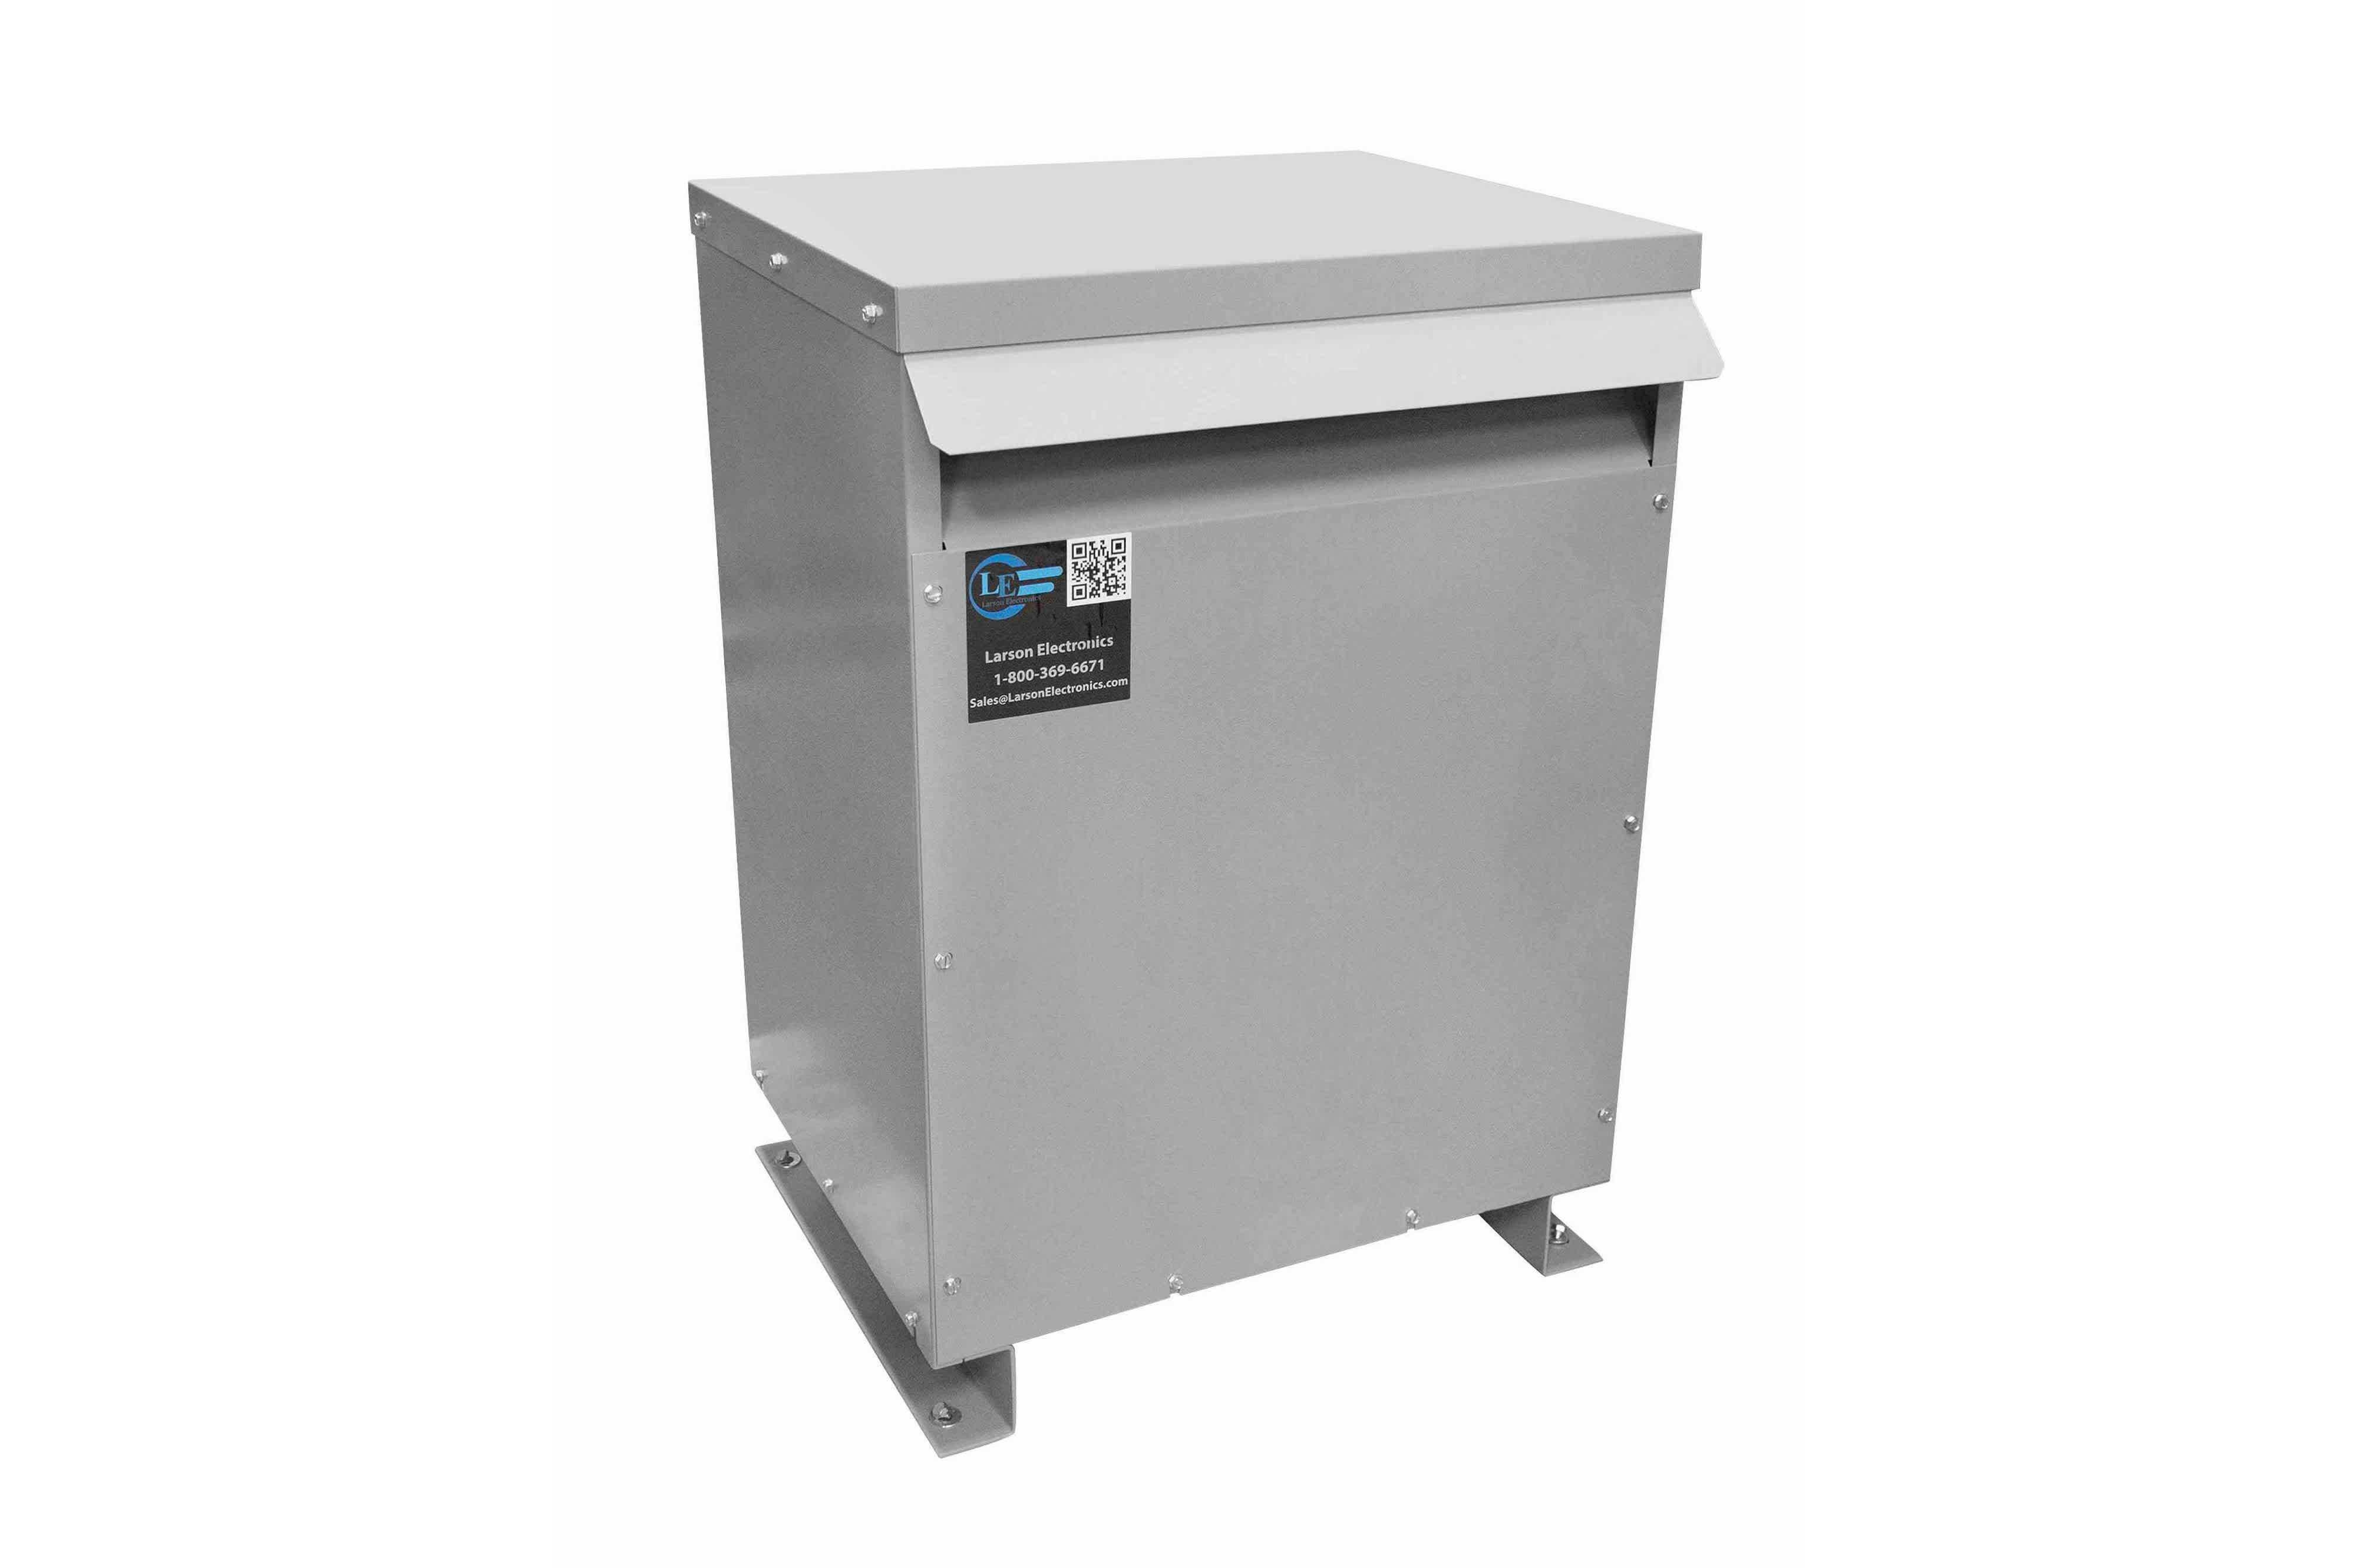 90 kVA 3PH Isolation Transformer, 240V Delta Primary, 208V Delta Secondary, N3R, Ventilated, 60 Hz